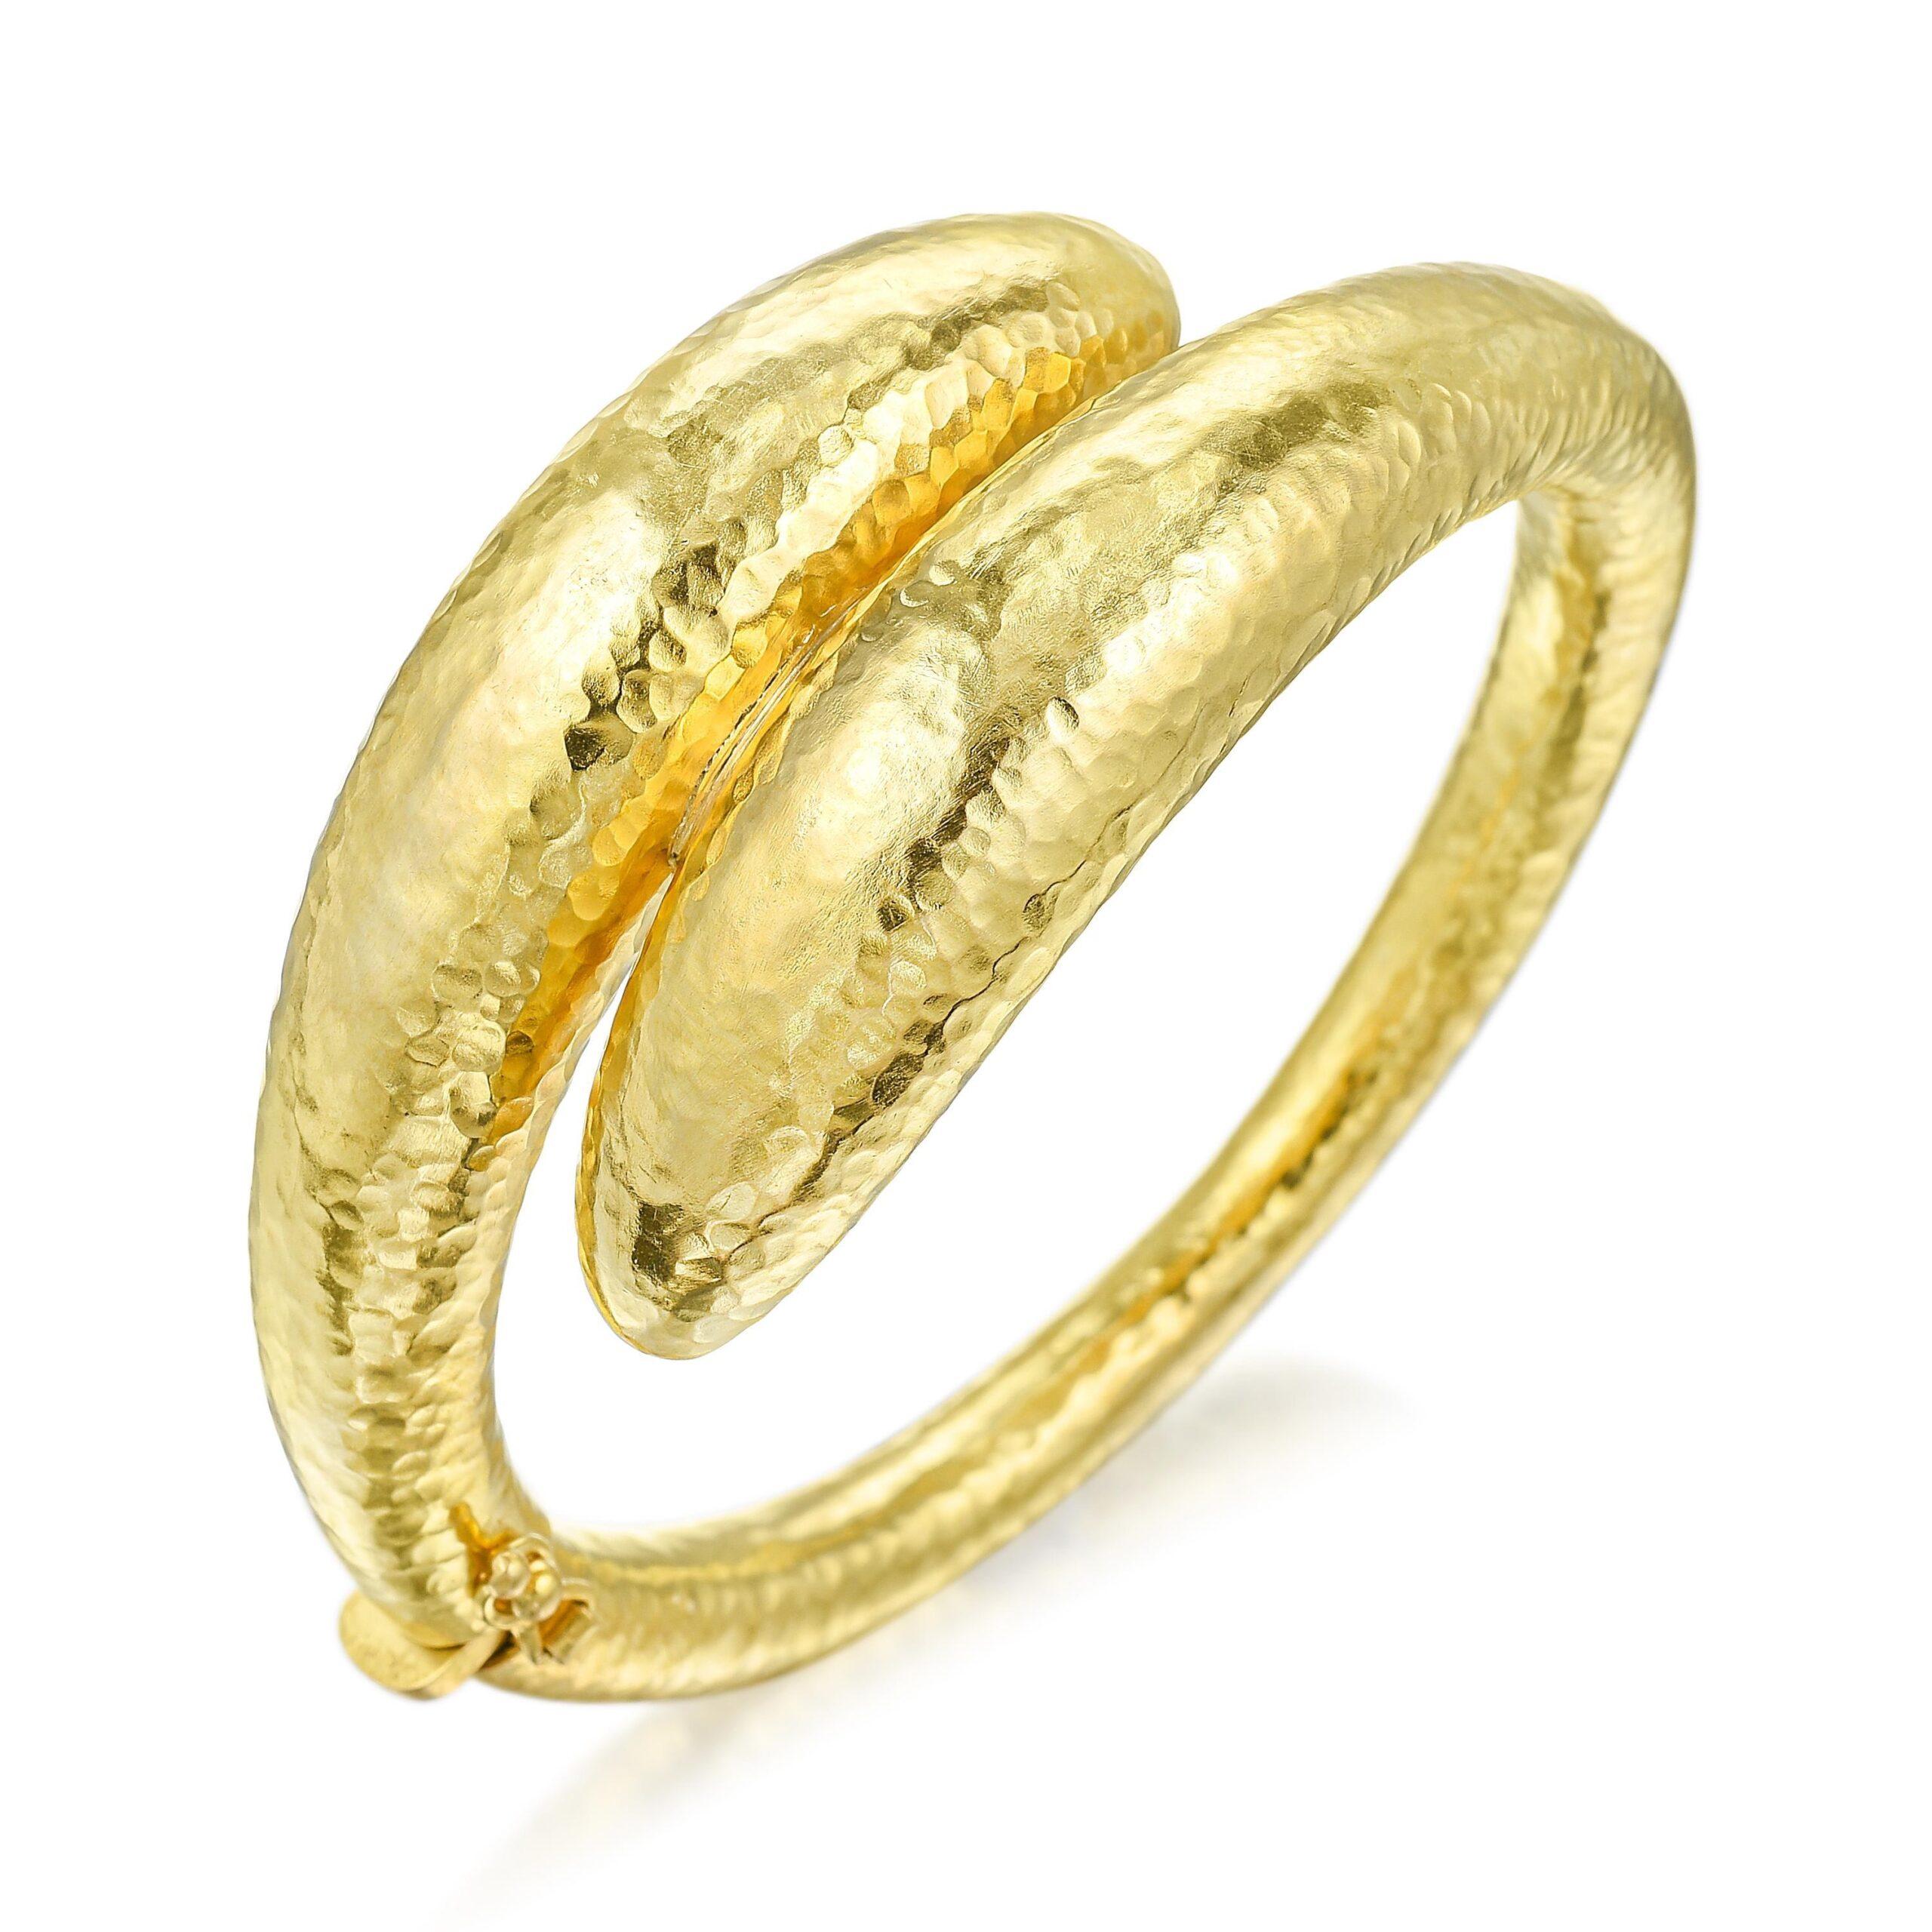 Hammered Gold Bangle Bracelet